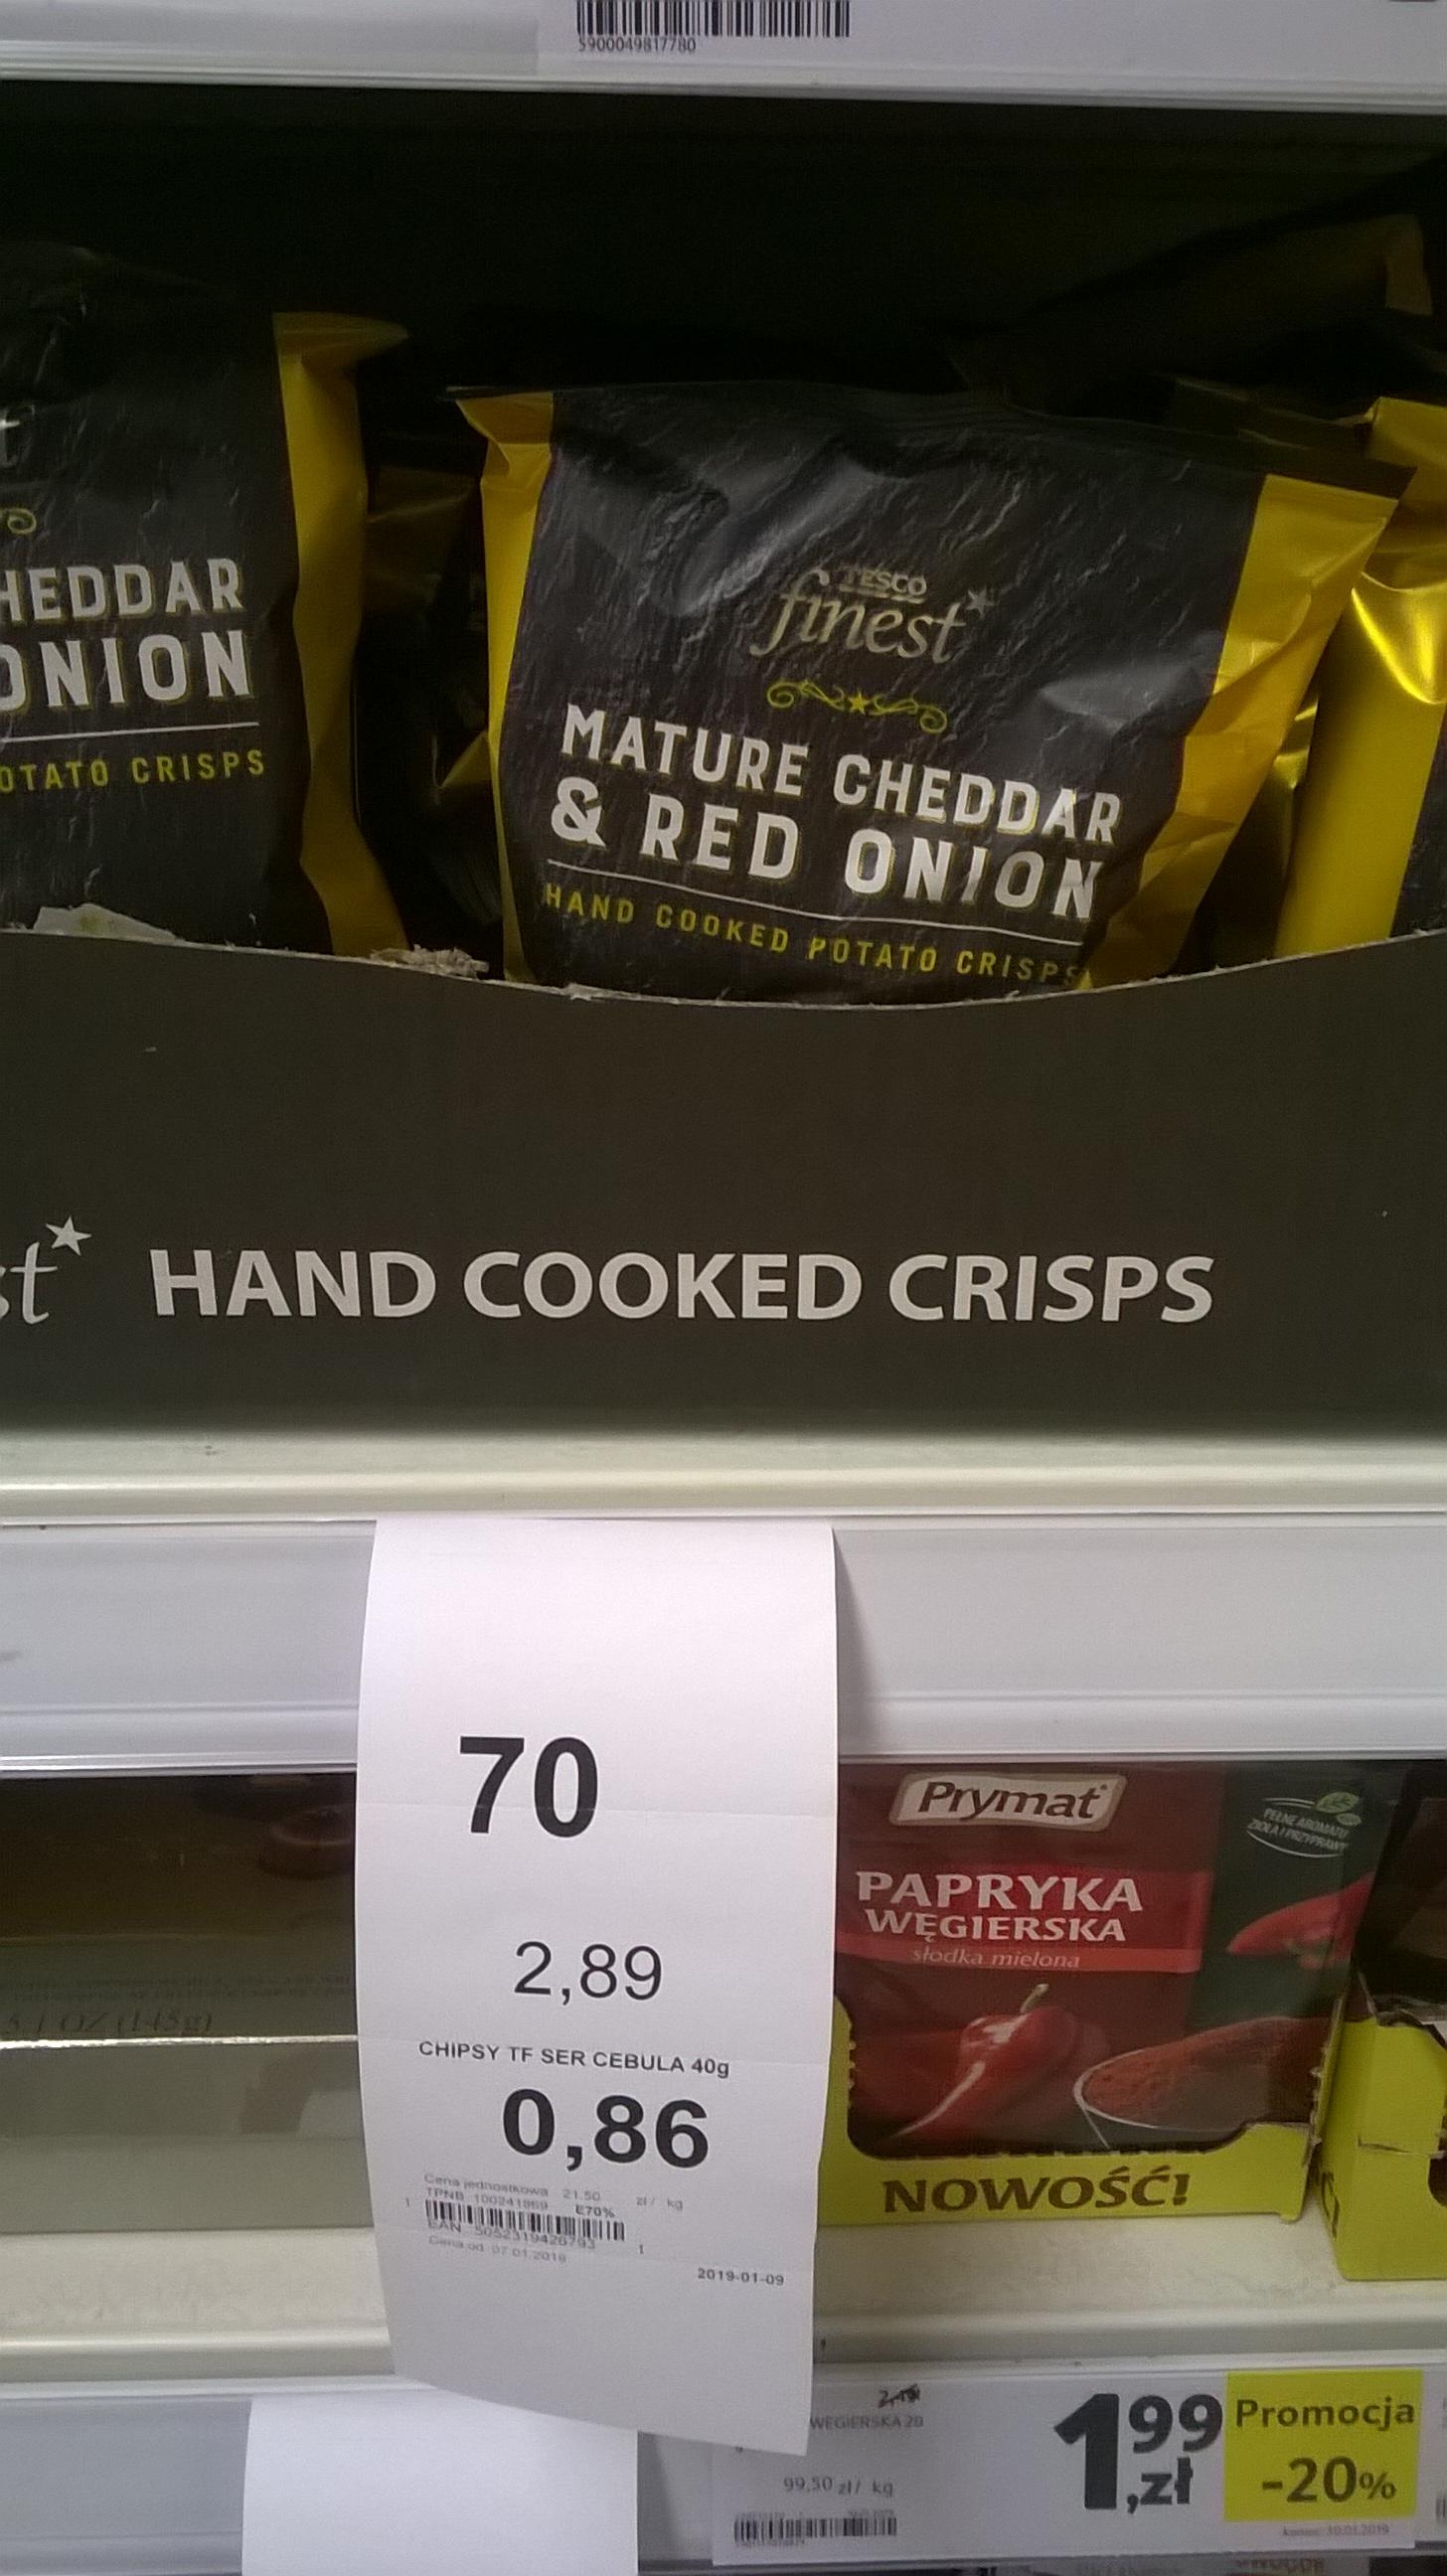 Chipsy cheddar z cebulą, 40g - Tesco finest, Piastów